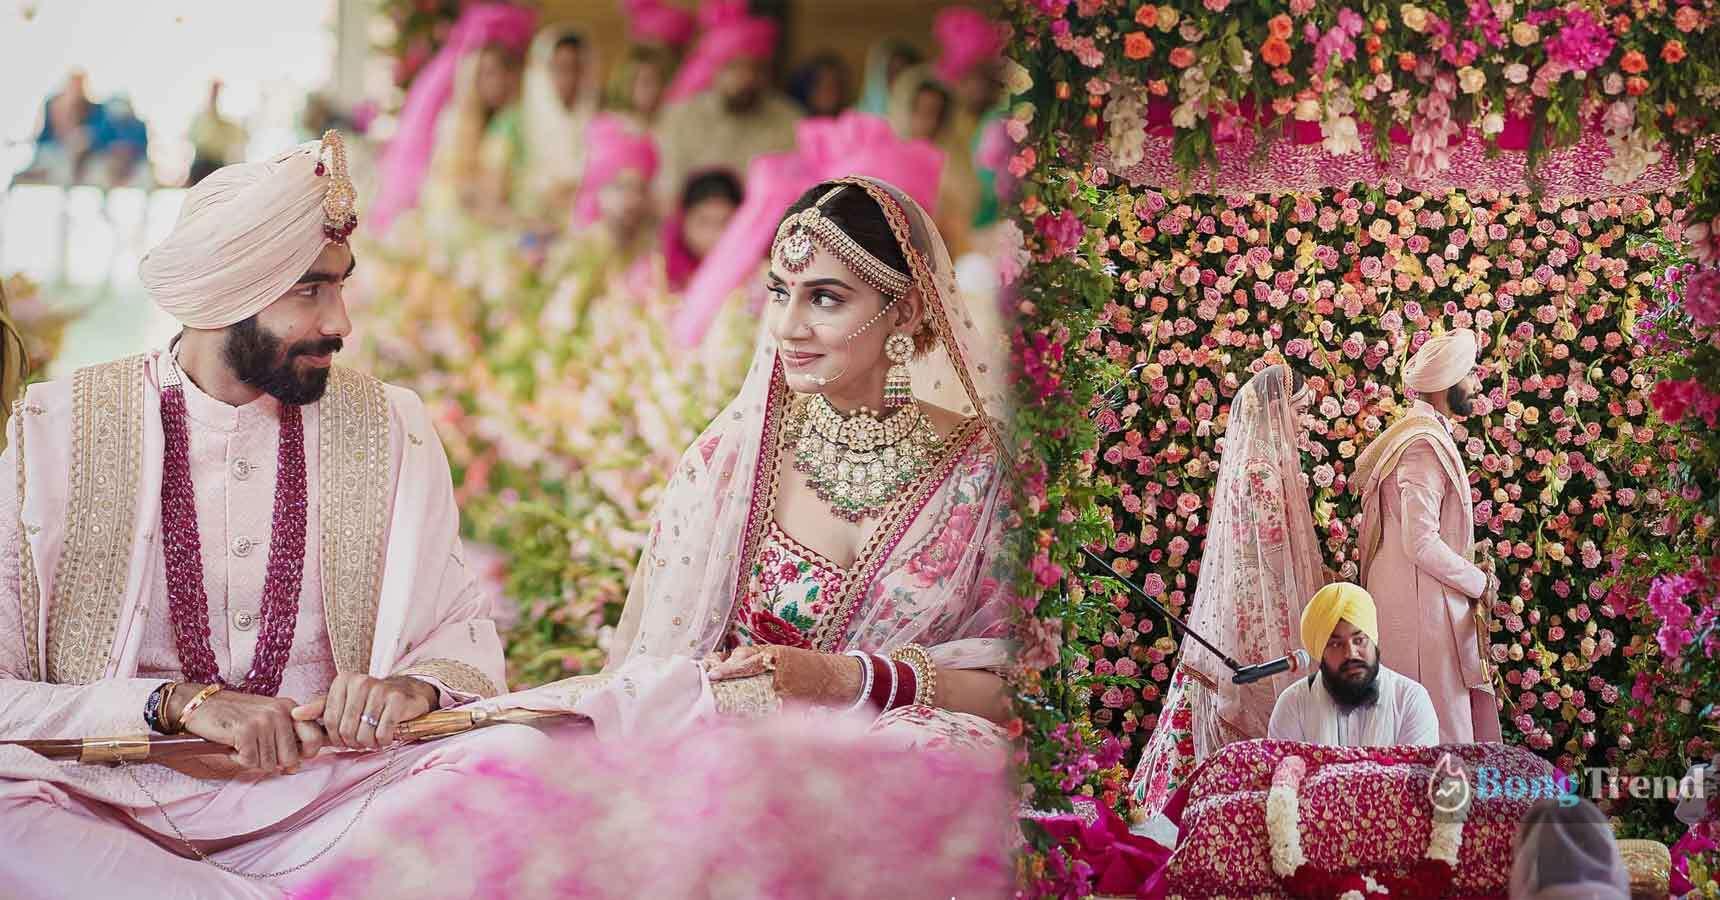 Photo of সাত পাকে বাঁধা পড়লেন জসপ্রীত বুমরাহ, বিয়ের প্রথম ছবি ব্যাপক ভাইরাল নেটপাড়ায়